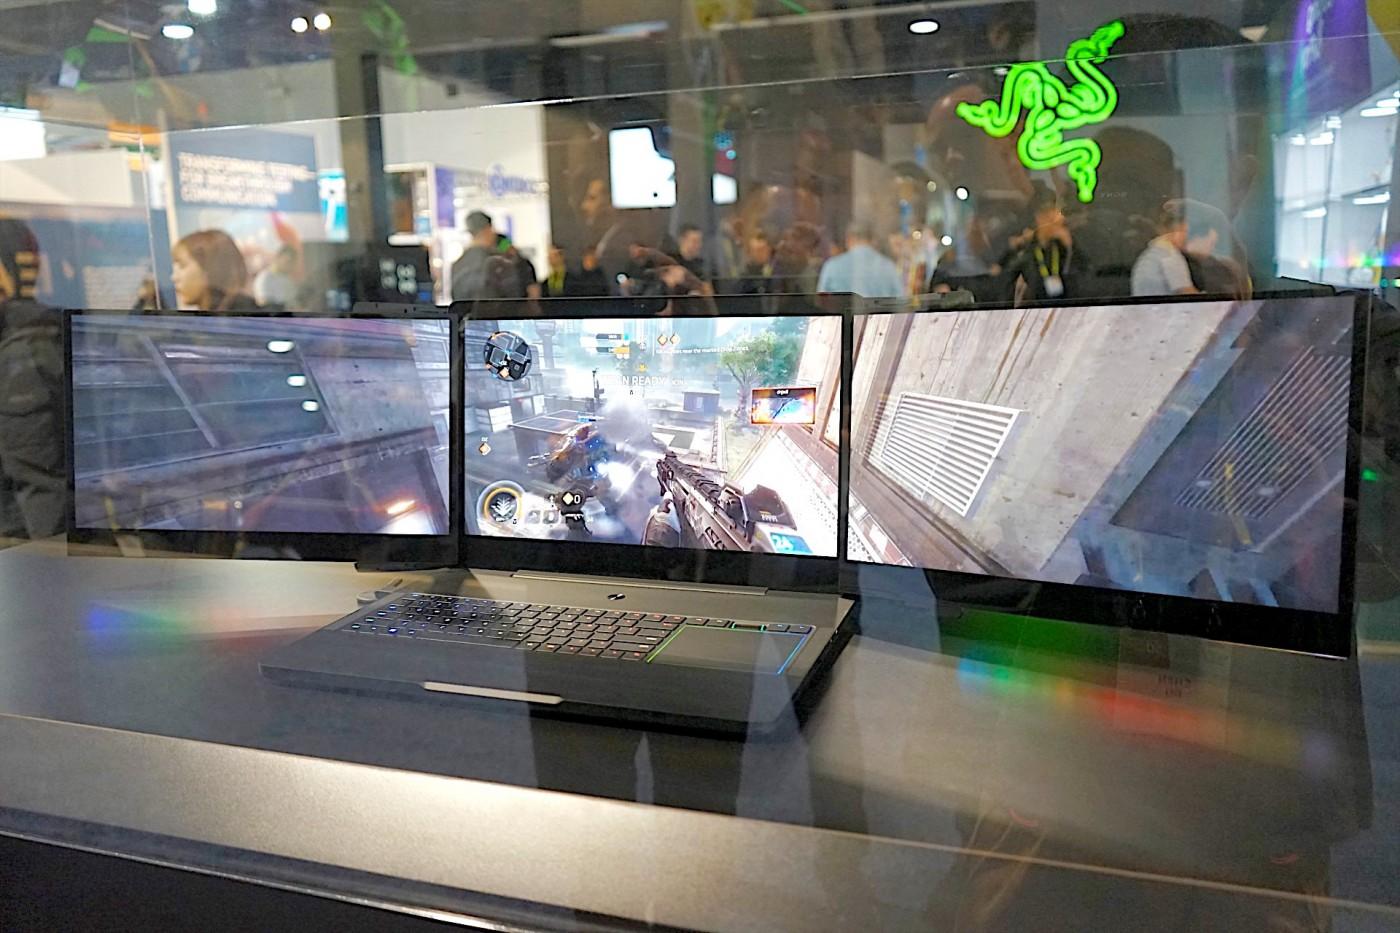 Razer 的三螢幕怪物級 Project Valerie 電競筆電,在CES的展場被偷了!